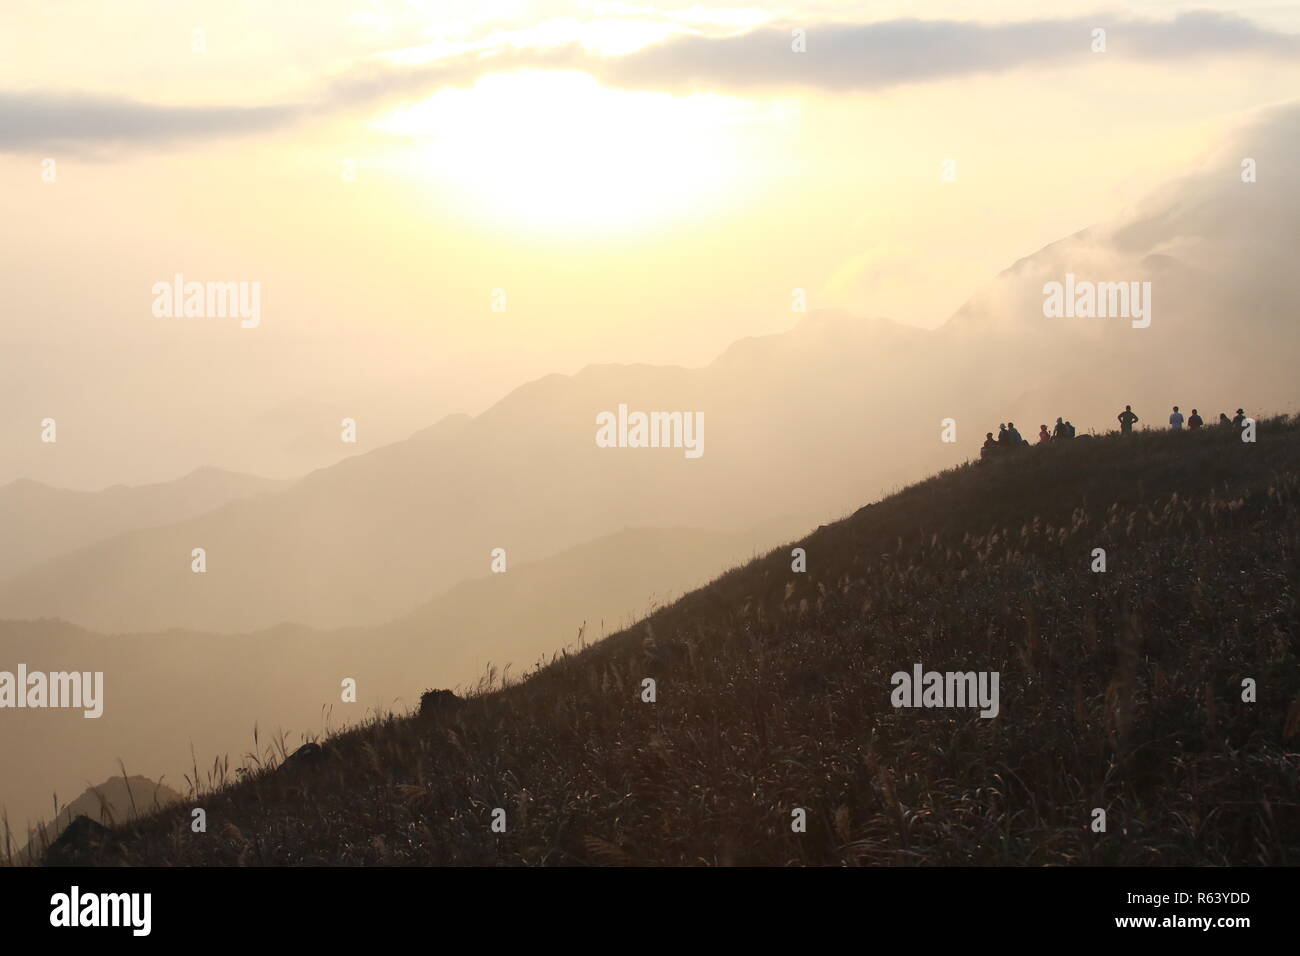 sunset peak in lantau island, hong kong - Stock Image